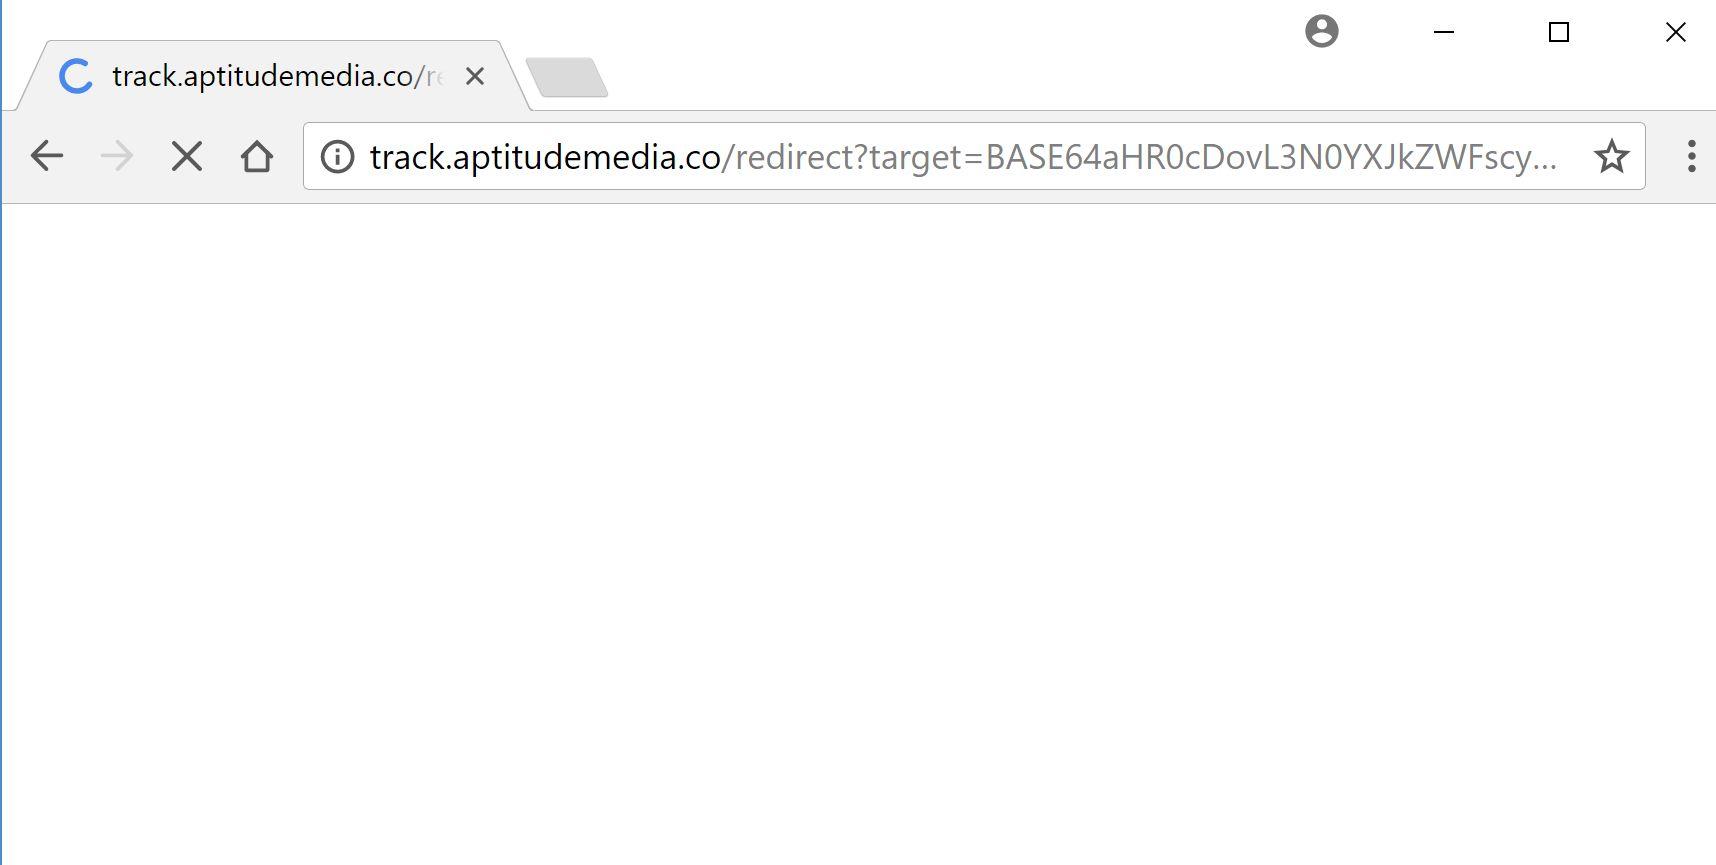 remove Track.aptitudemedia.co